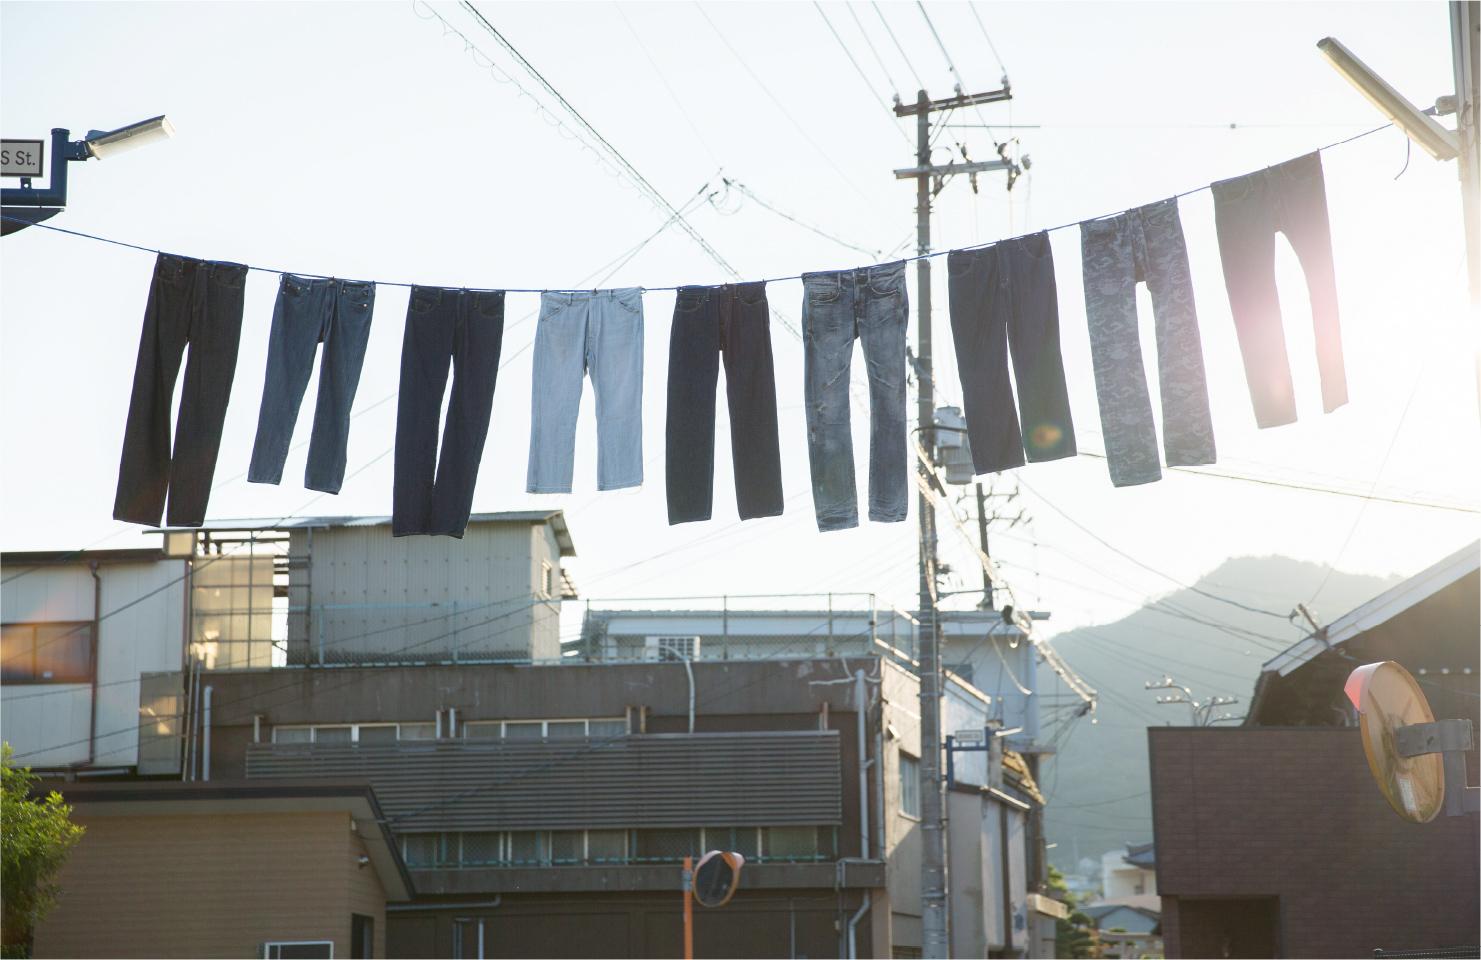 ジーンズストリートは、風ではためくジーンズが出迎えてくれているよう